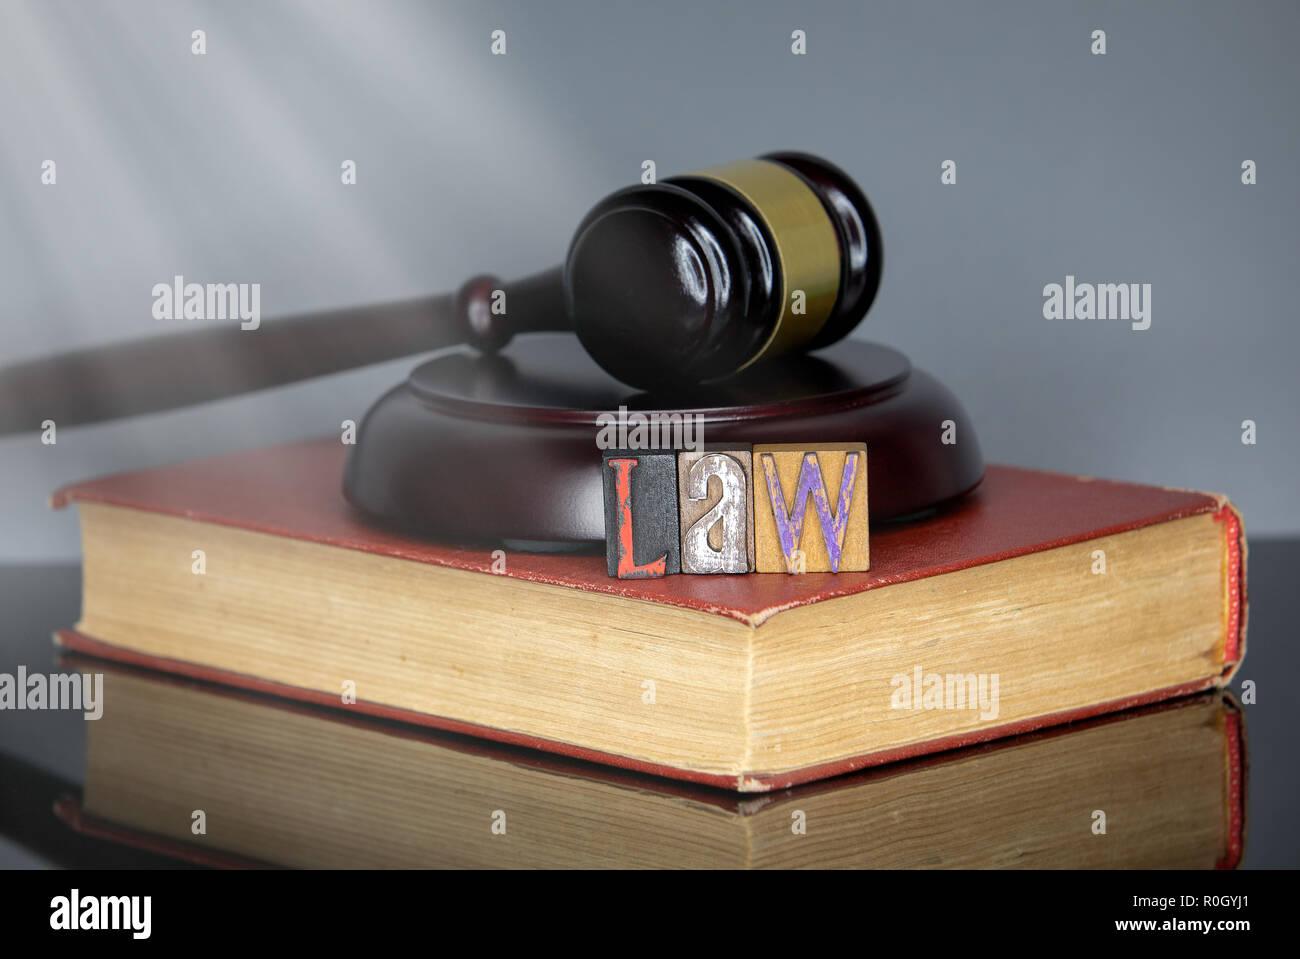 La ley palabra de letras de madera de colores Foto de stock